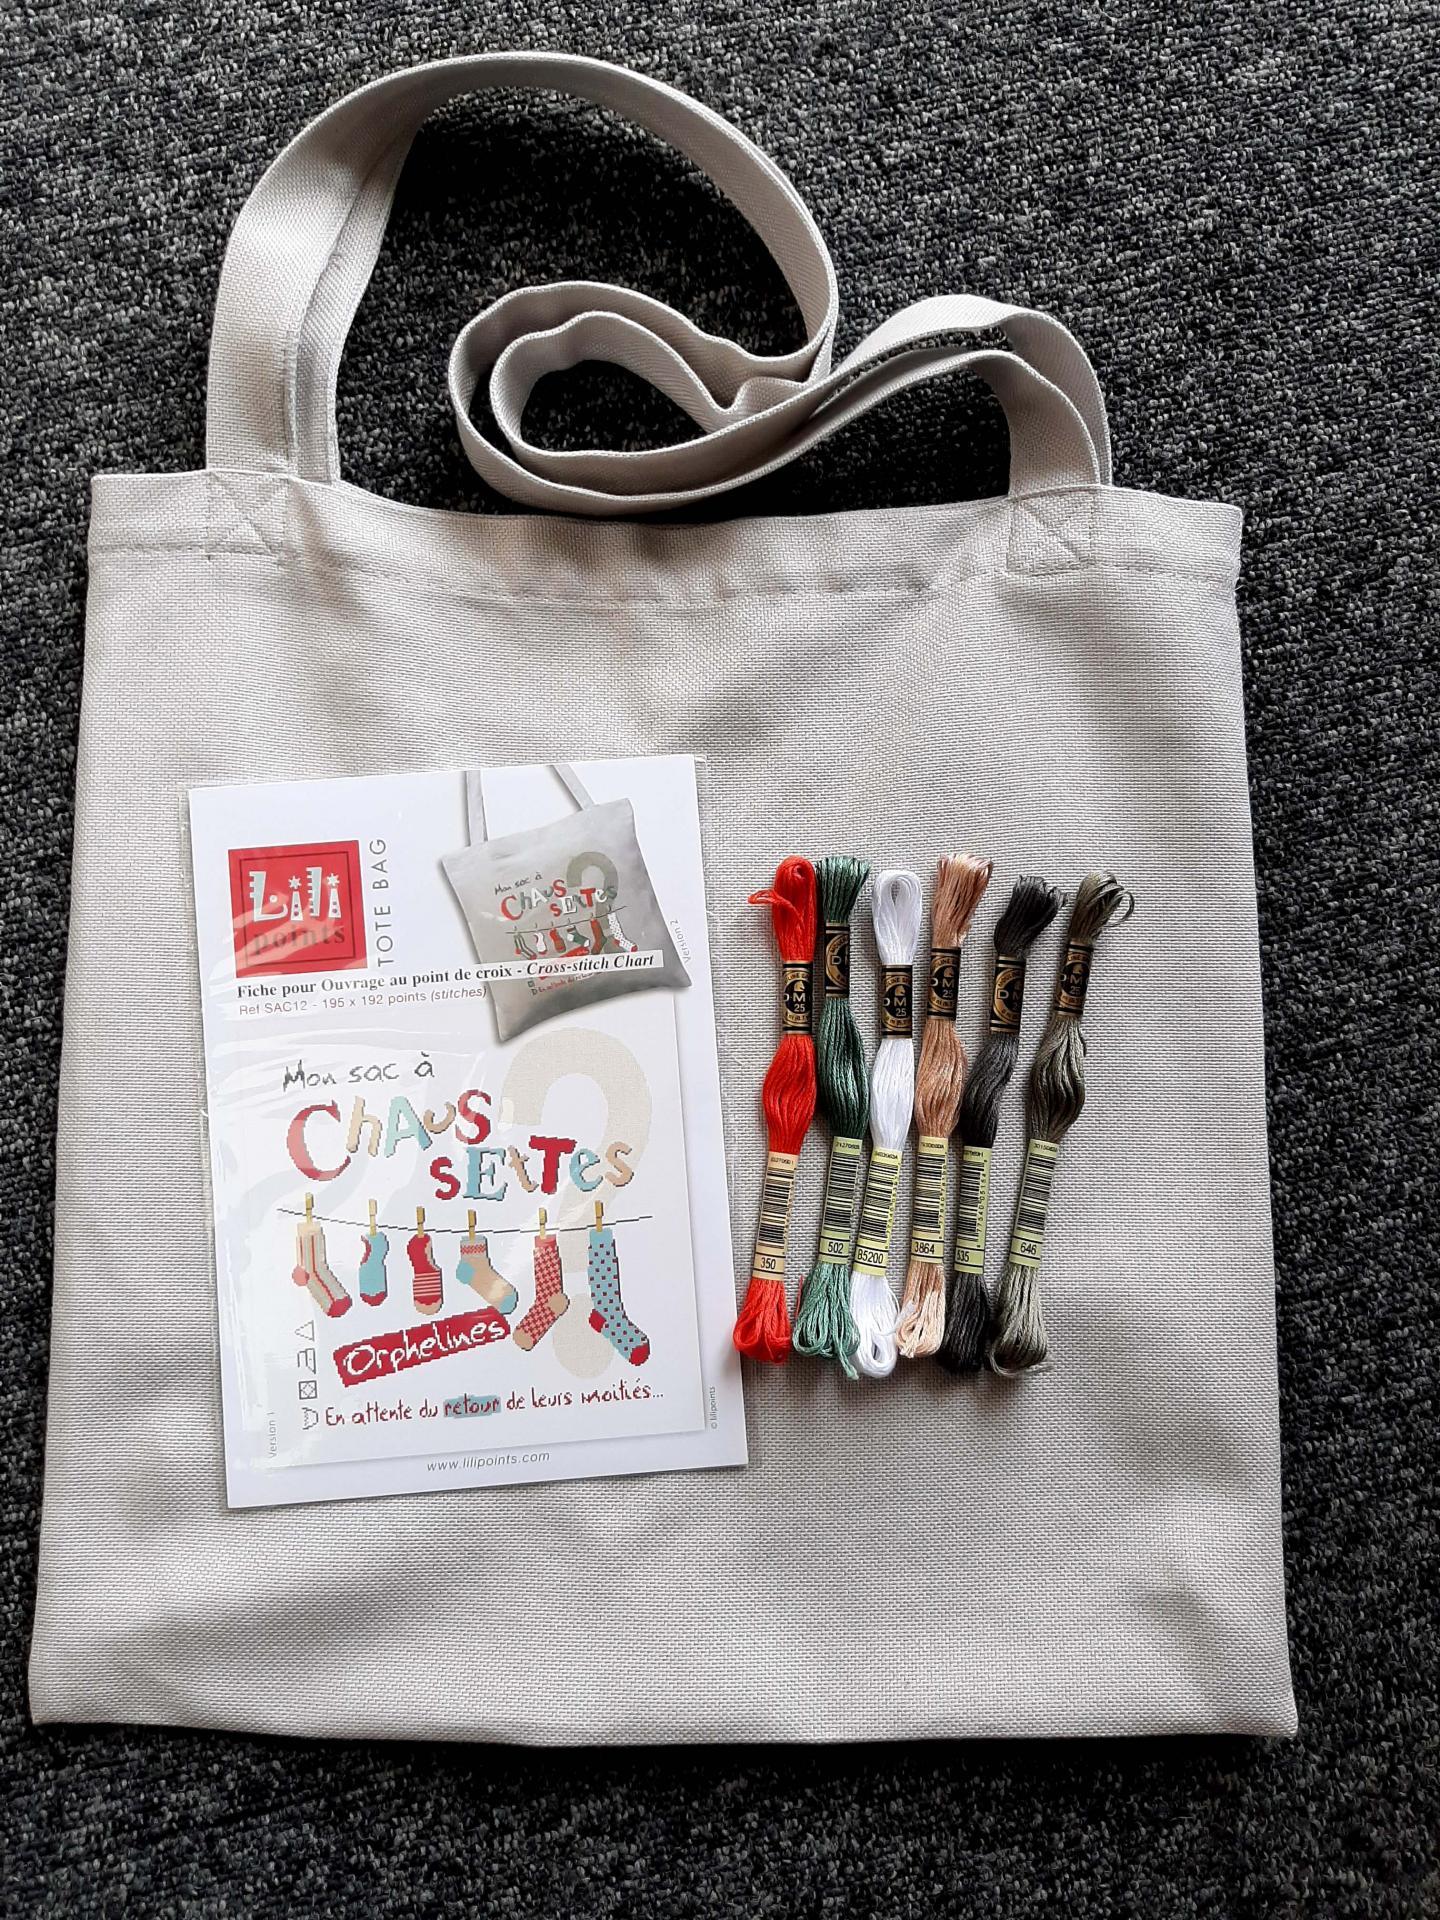 Mon sac a chaussettes orphelines sac12 version 2 lilipoints pour la boutique de brode41